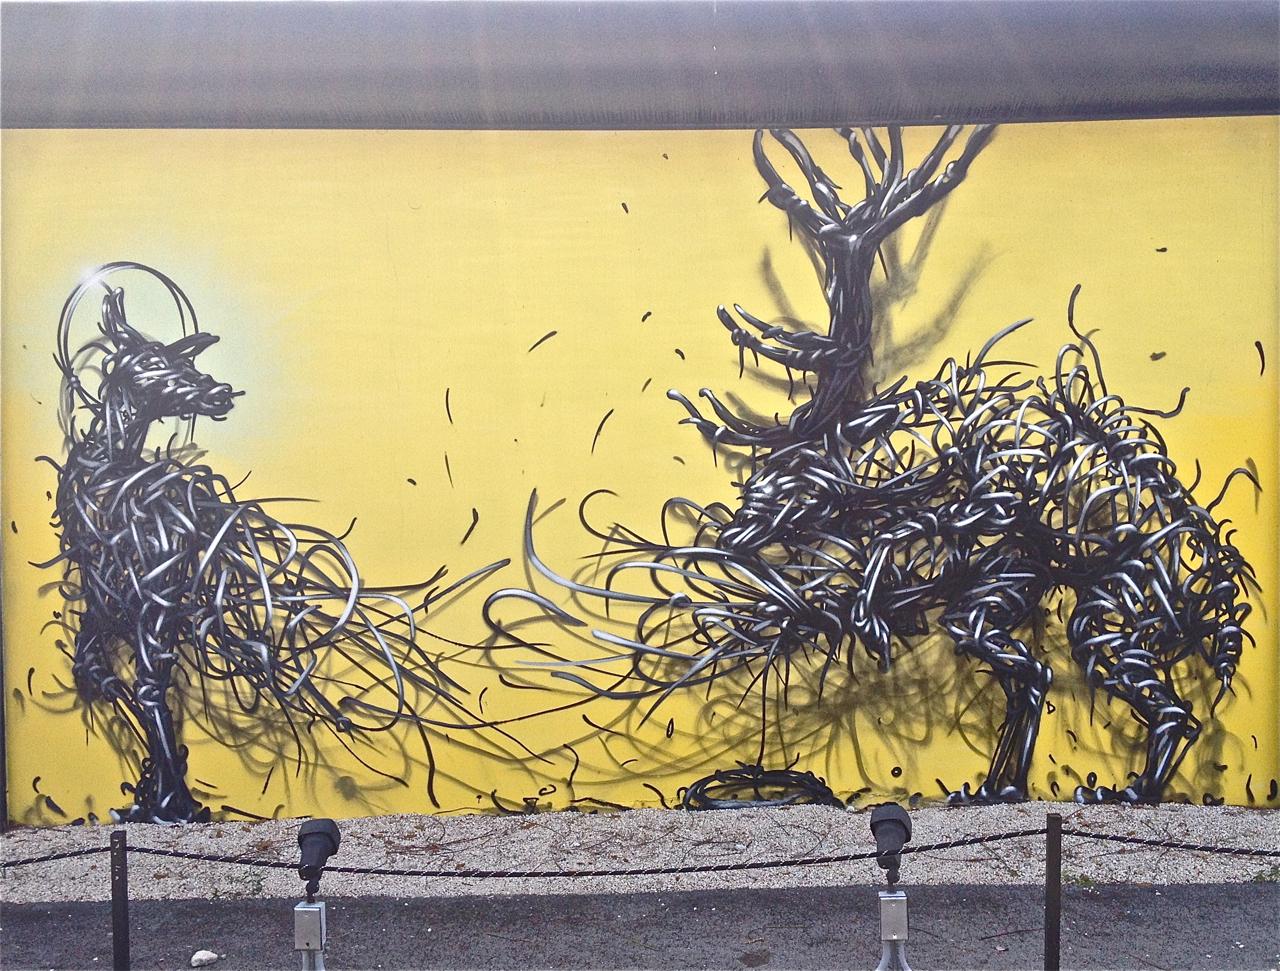 Daze & DALeast – Miami Seven – Graffiti Lux and Murals